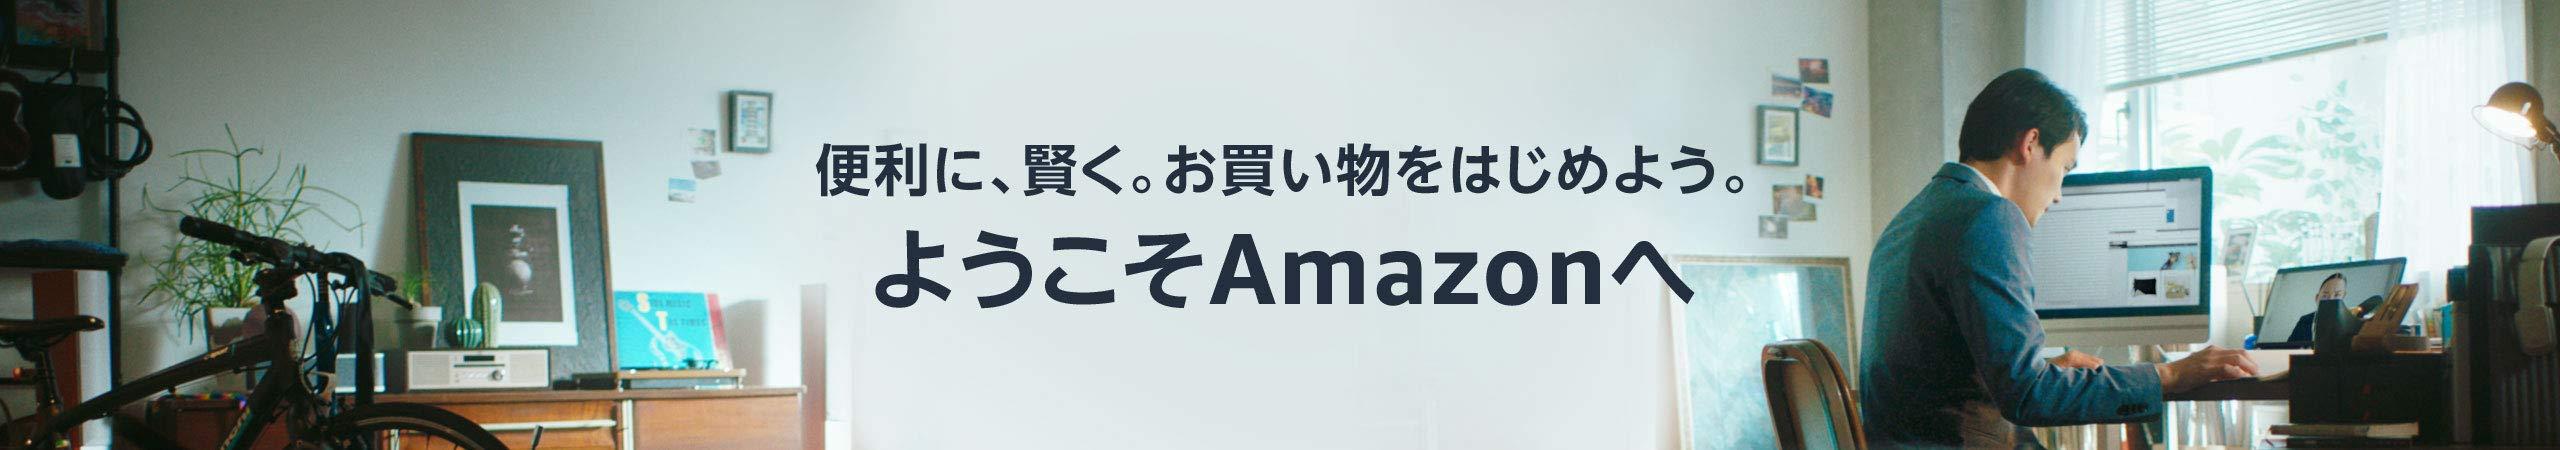 便利に、賢く。お買い物をはじめよう。ようこそAmazonへ